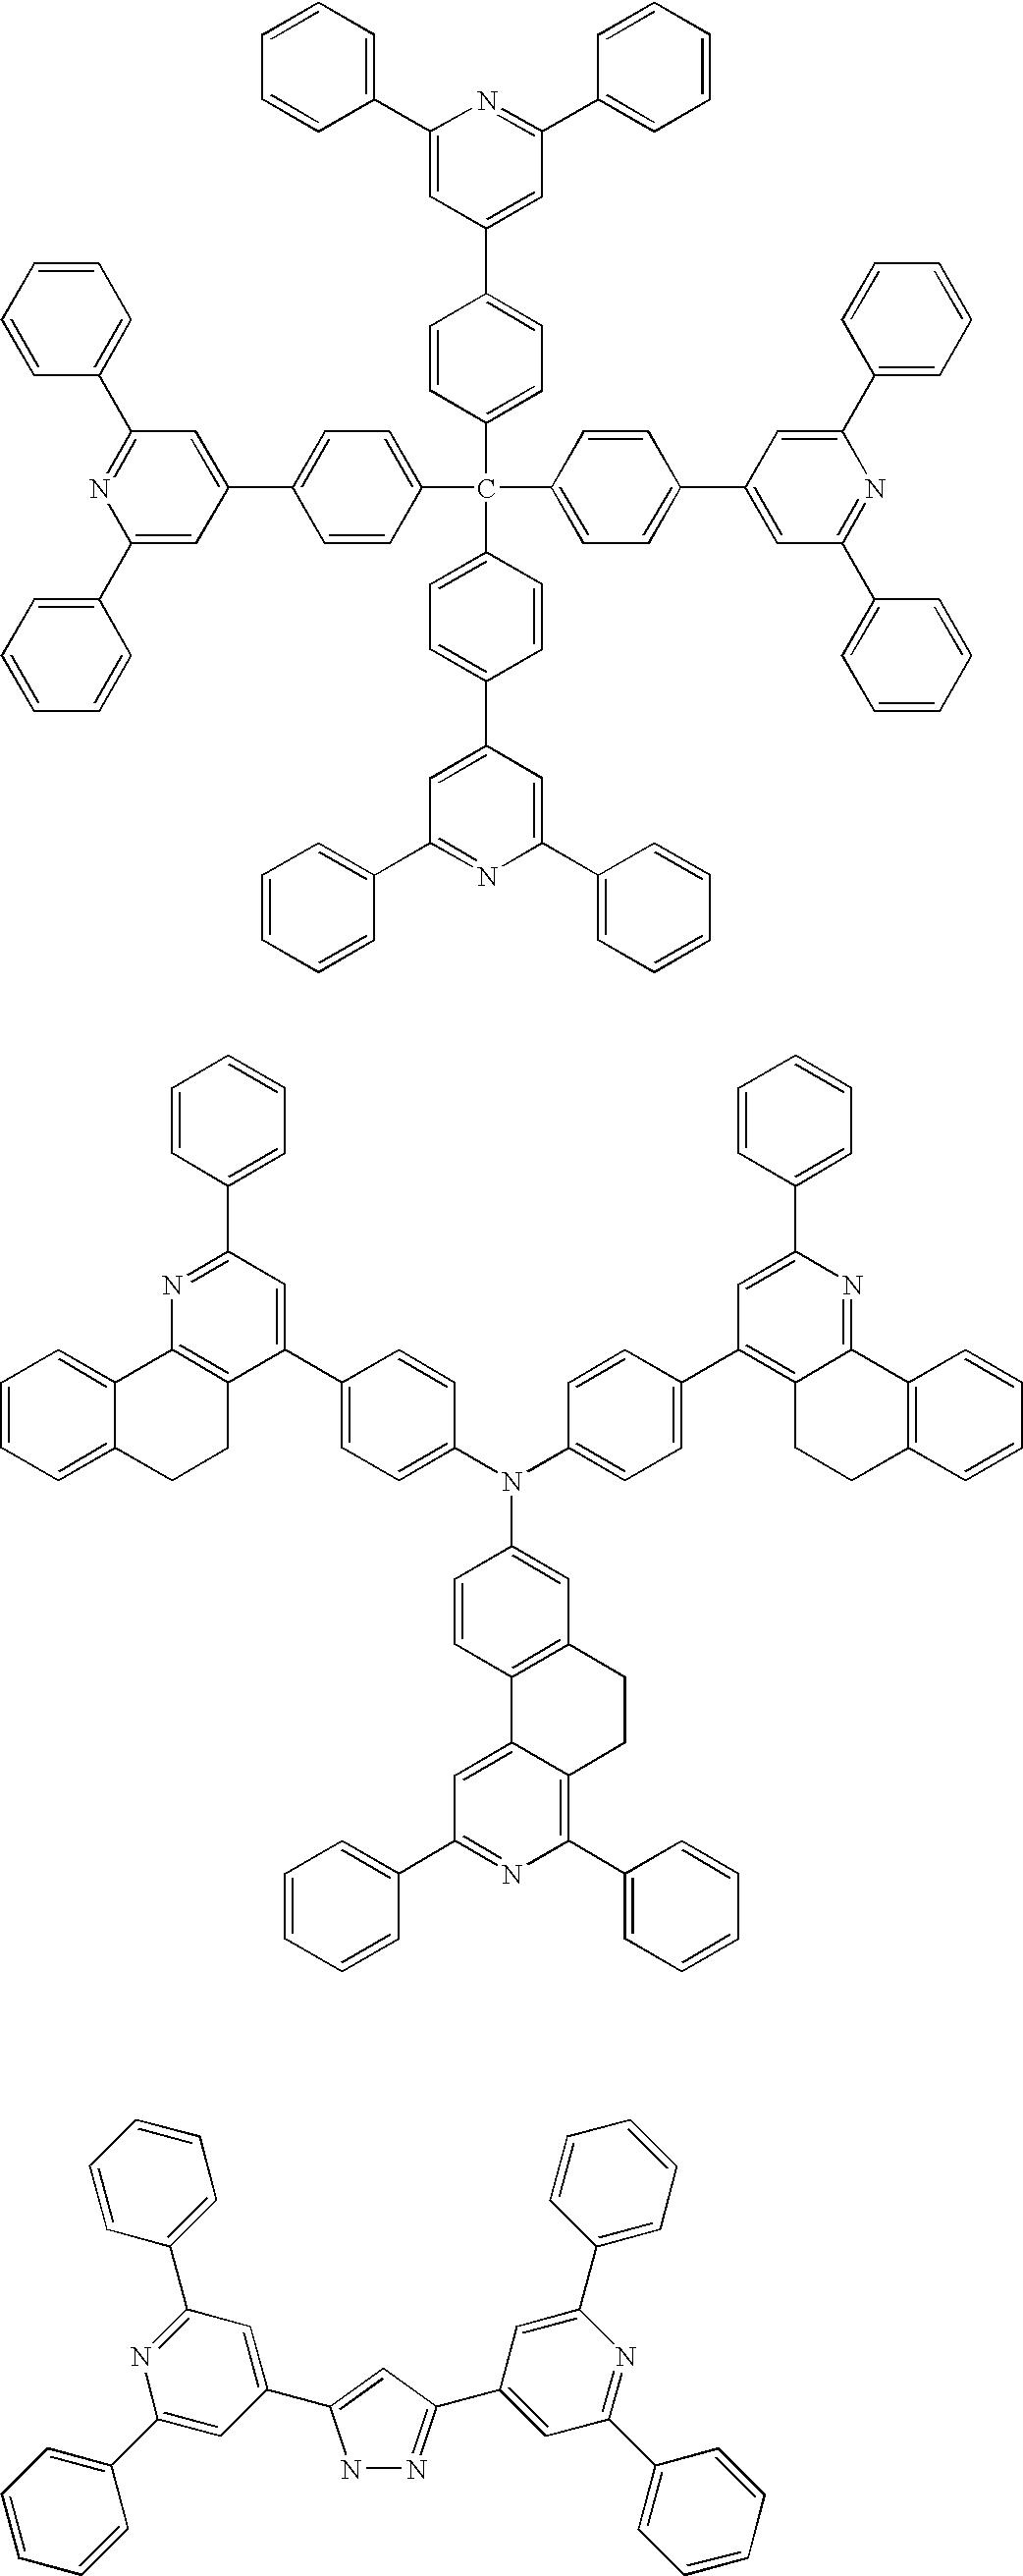 Figure US20060186796A1-20060824-C00050